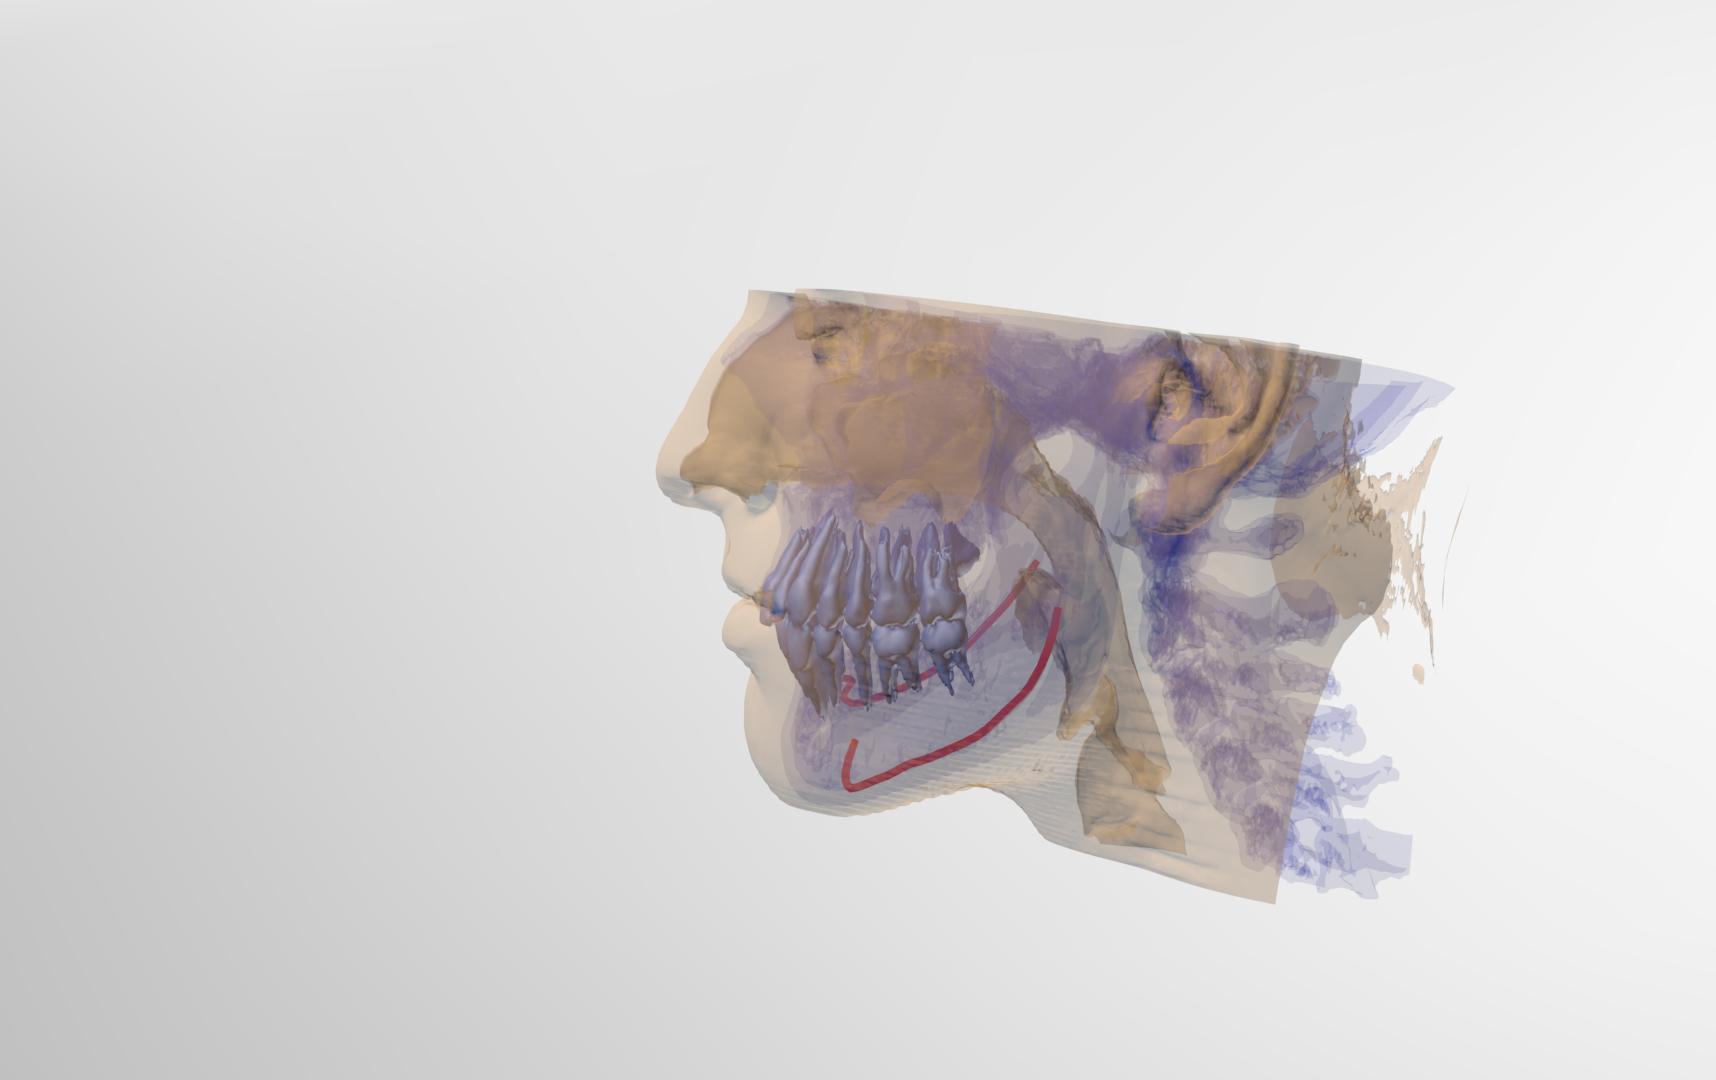 Reconstrução 3D nos mínimos detalhes